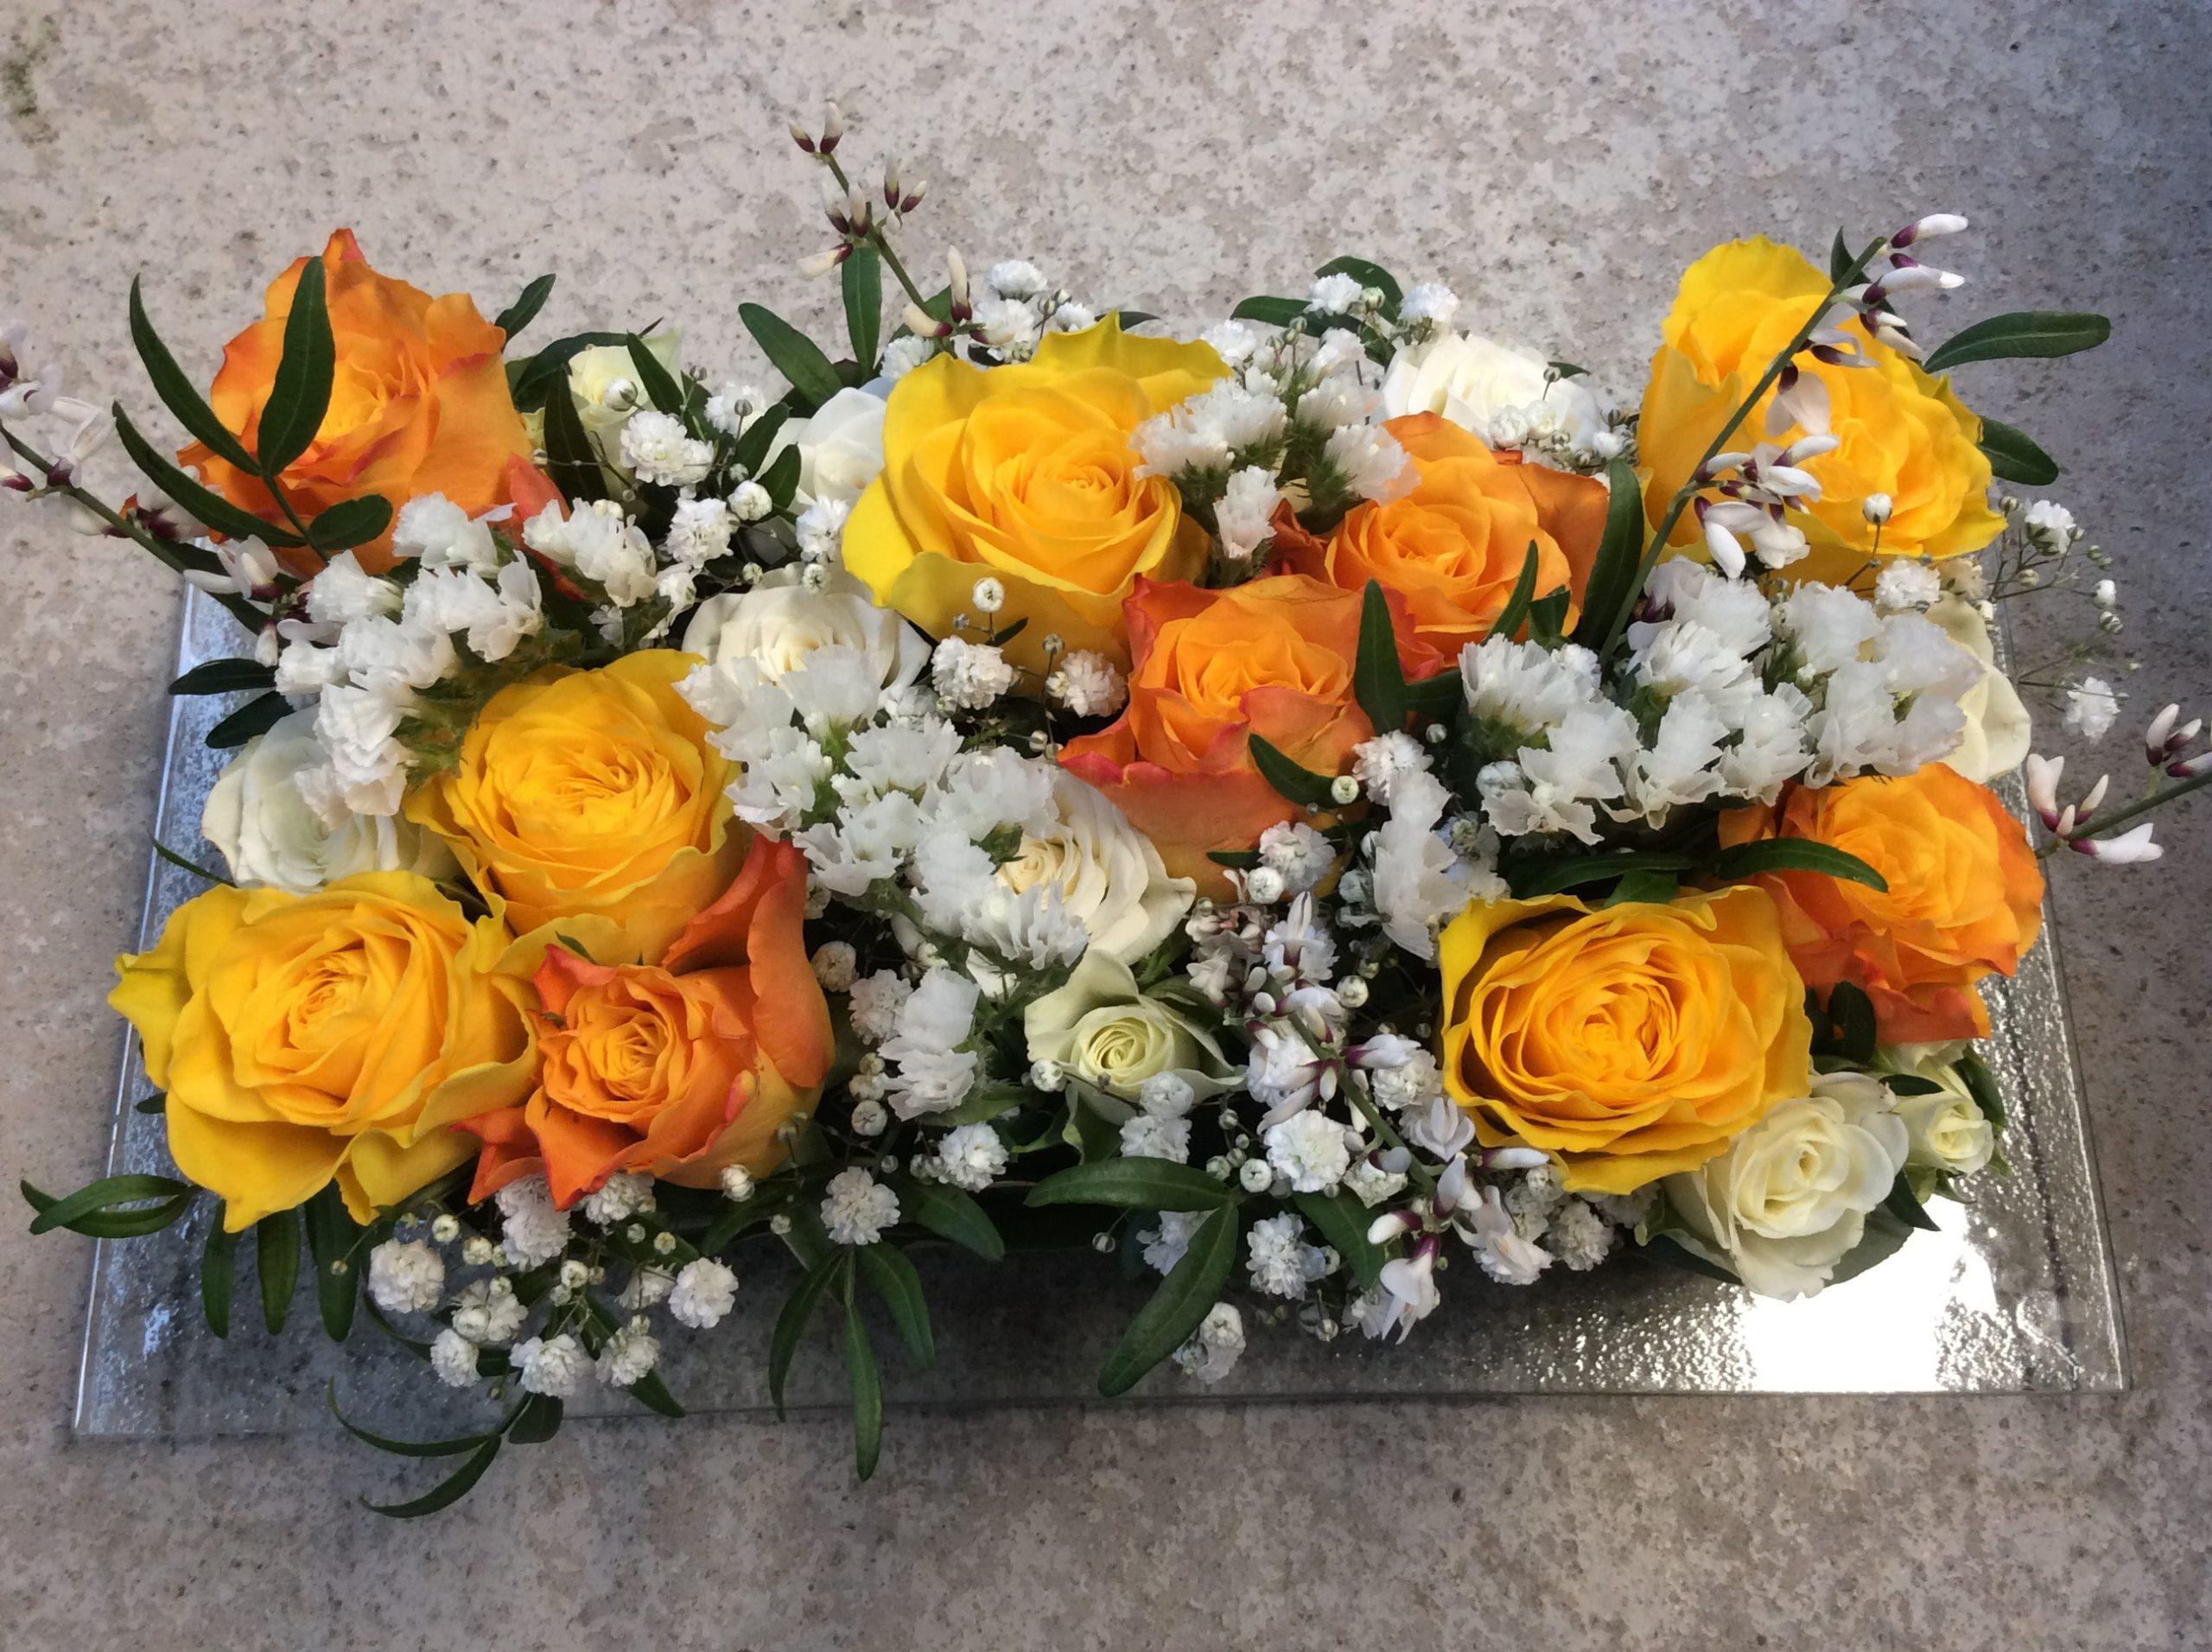 composition florale fleurs centre de table paques coloré orange jaune façon gâteau fleuriste moselle effleurs